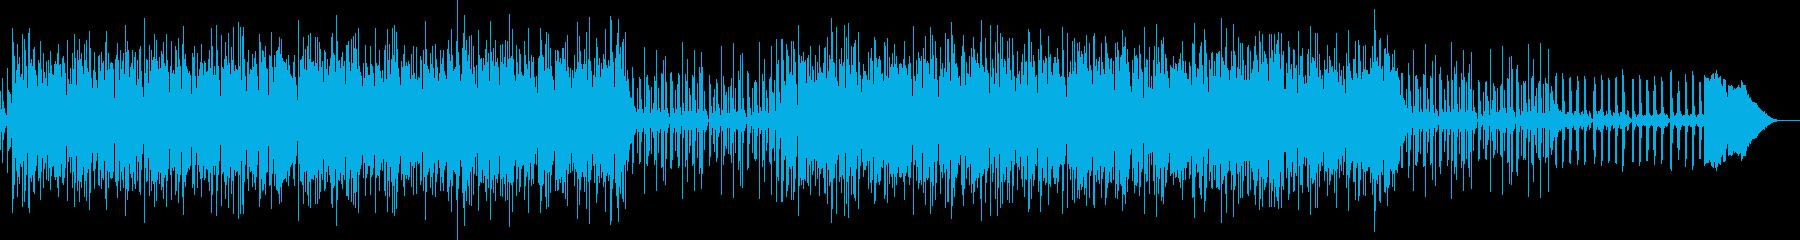 サックスフレーズのジャズボサノバ風BGMの再生済みの波形